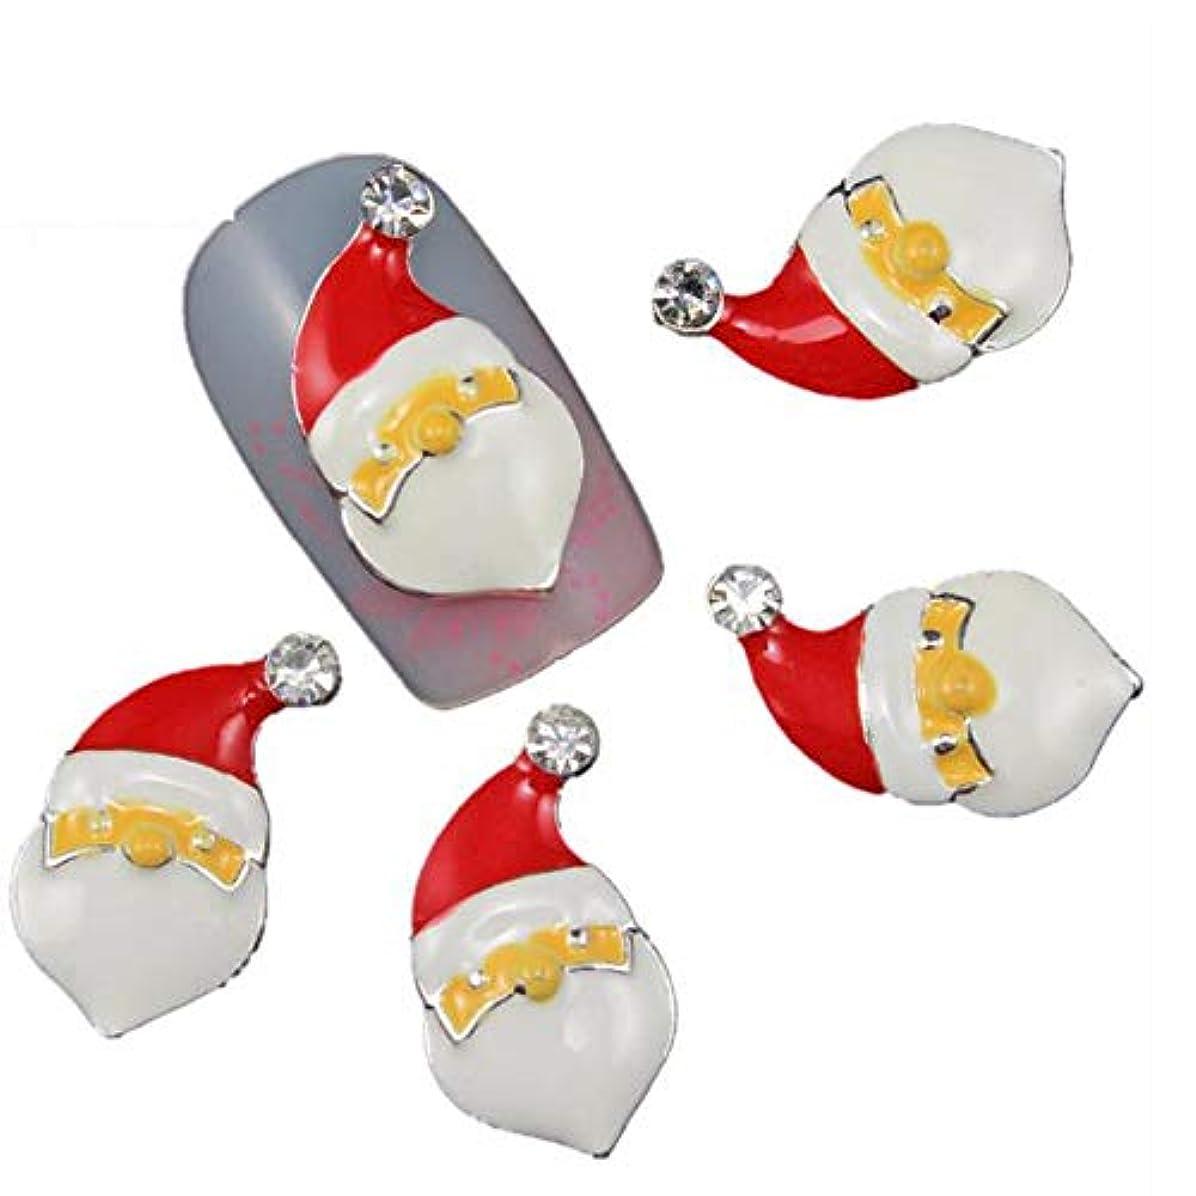 血柔らかい足召喚するチャームの釘のために10個/ロット3Dクリスマスネイルアートクラシックサンタクロースデザインマニキュアの装飾のクリスタルラインストーン